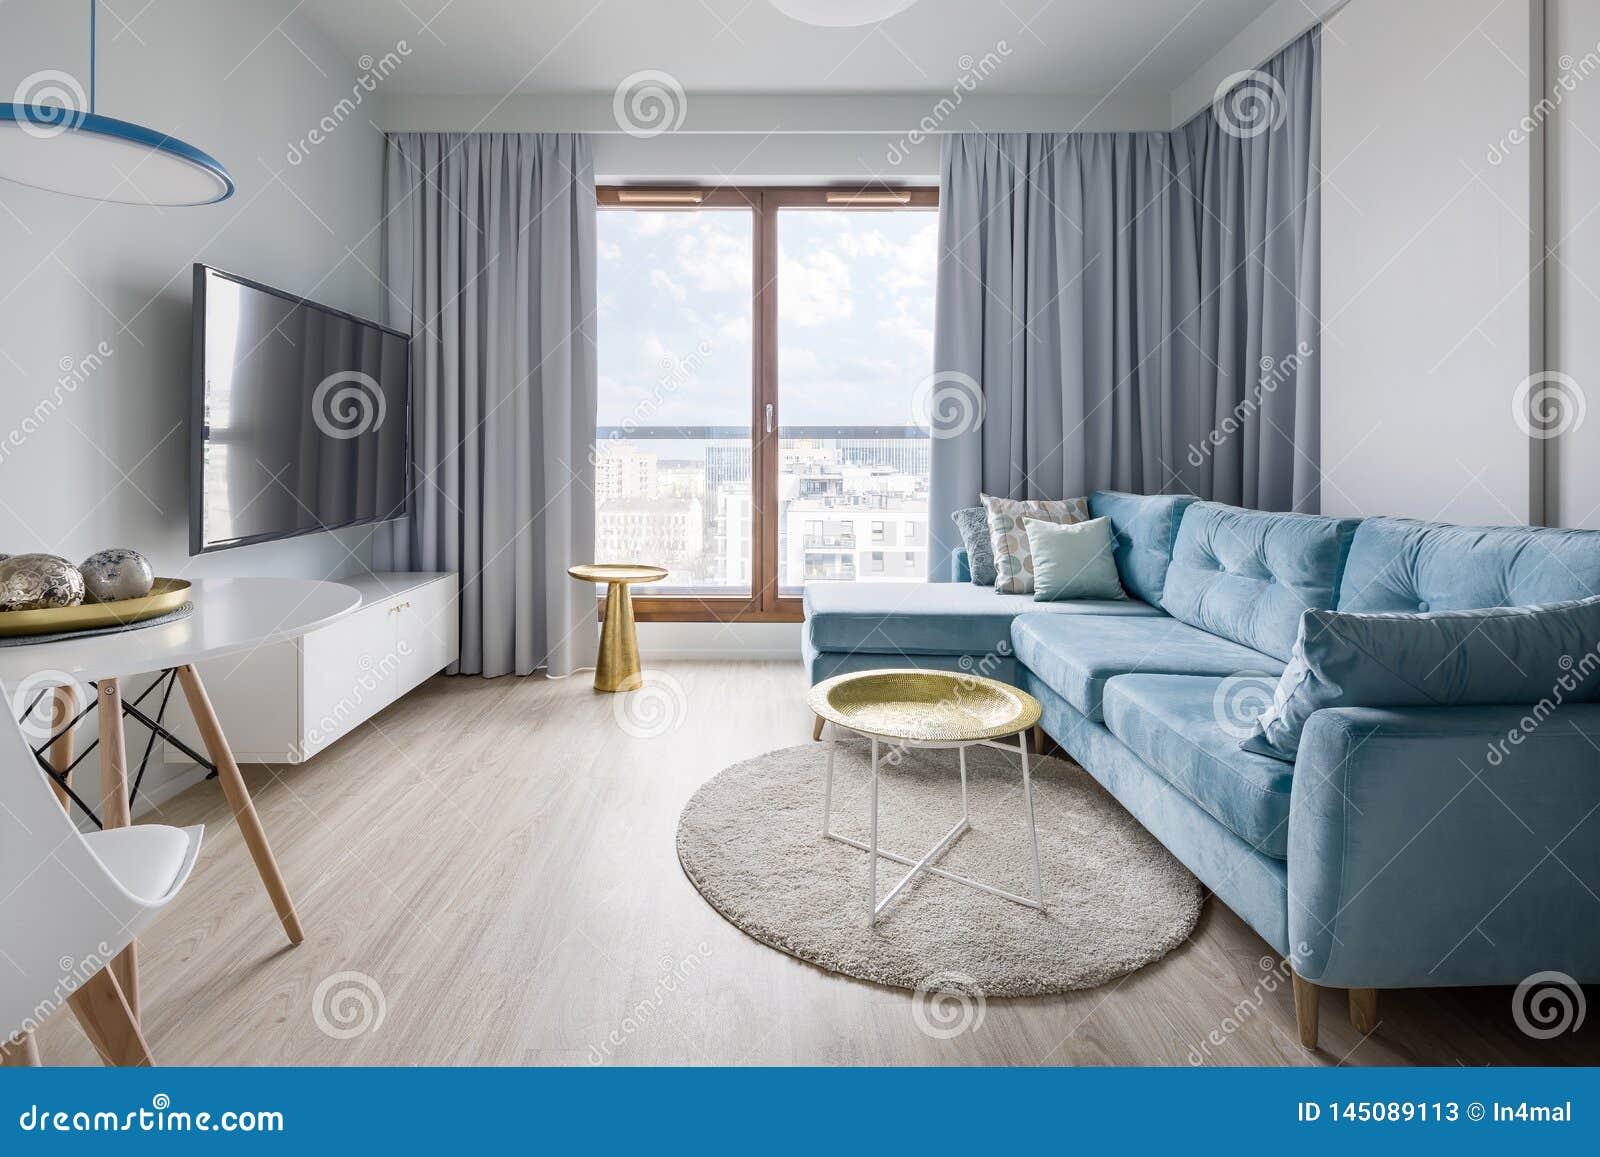 Salon Contemporain Dans Bleu, Gris Et Blanc Image stock ...